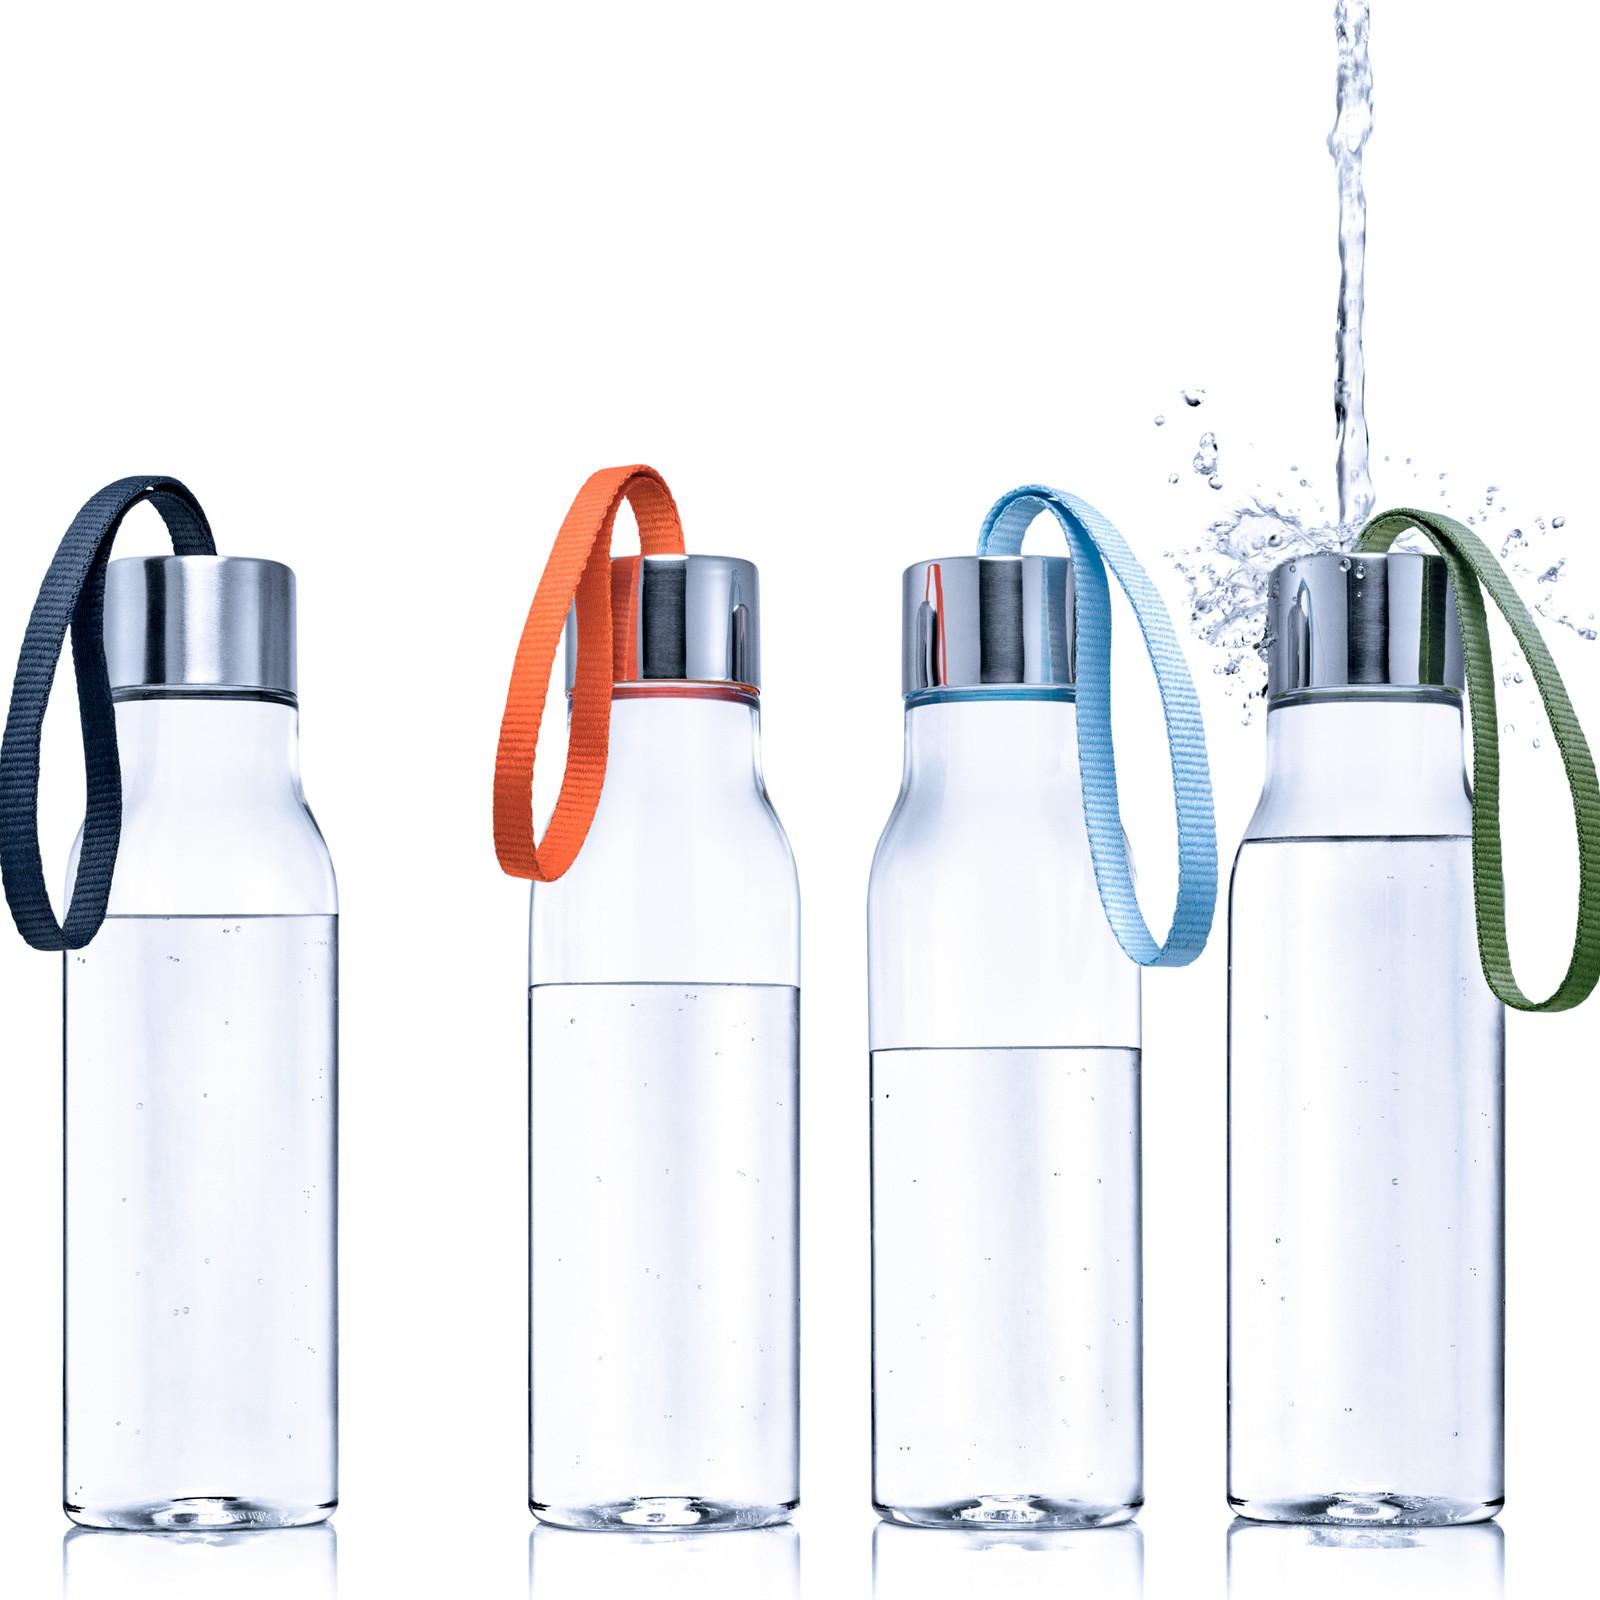 eva solo trinkflasche grey 0 5 l 502990 speisen servieren trinkflaschen. Black Bedroom Furniture Sets. Home Design Ideas